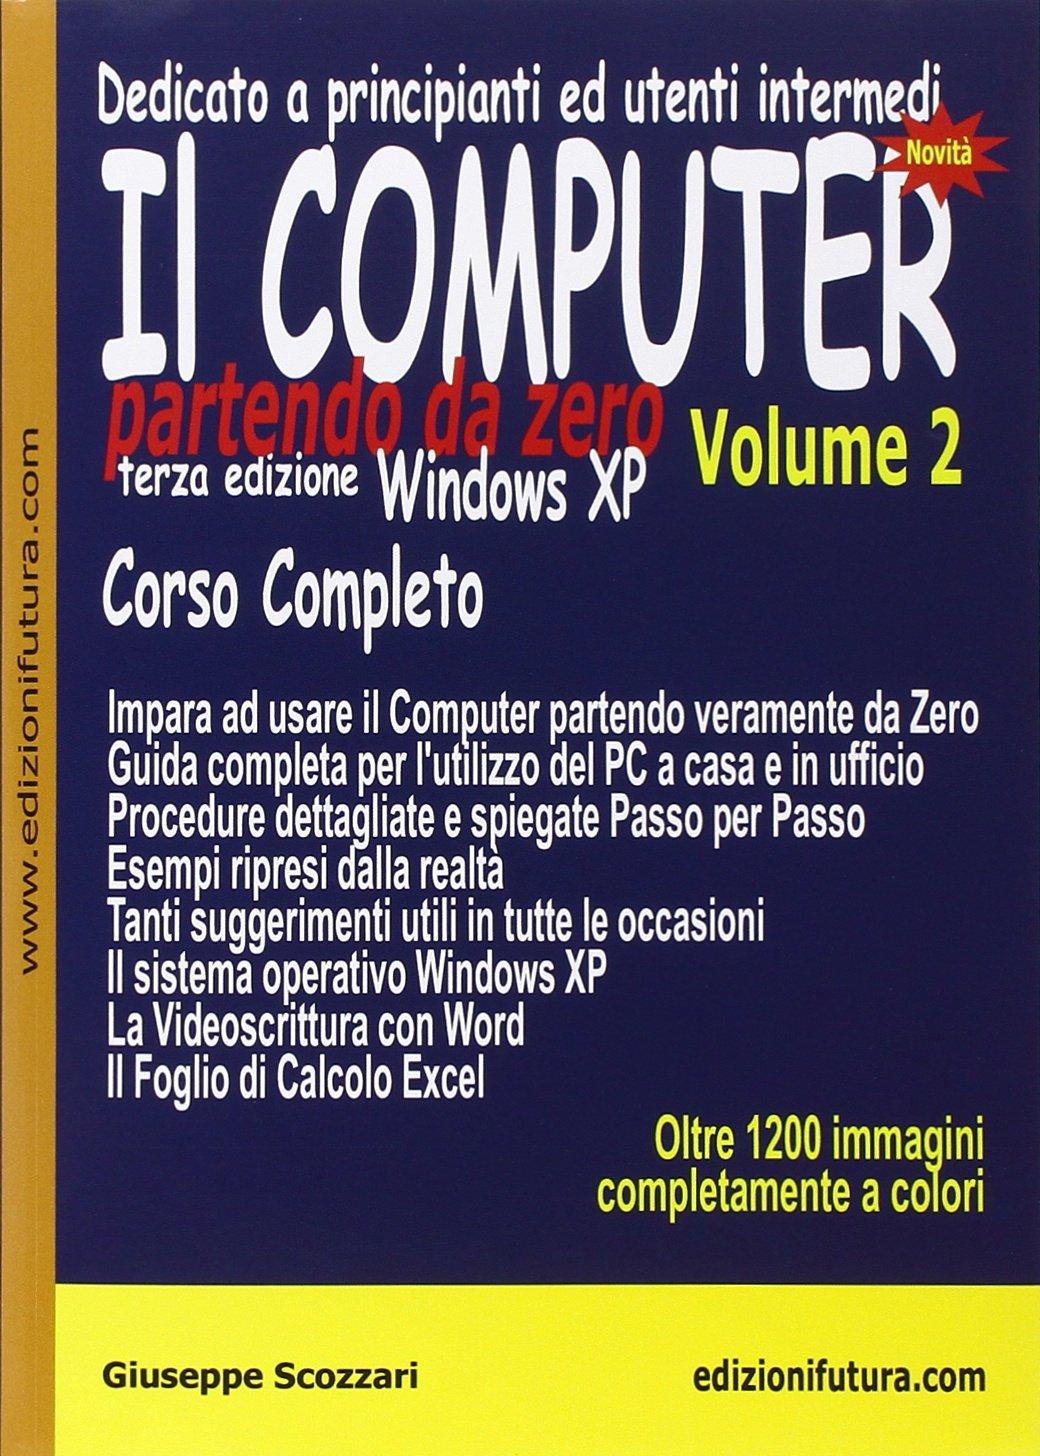 Il computer partendo da zero vol. 2 - Windows XP PDF